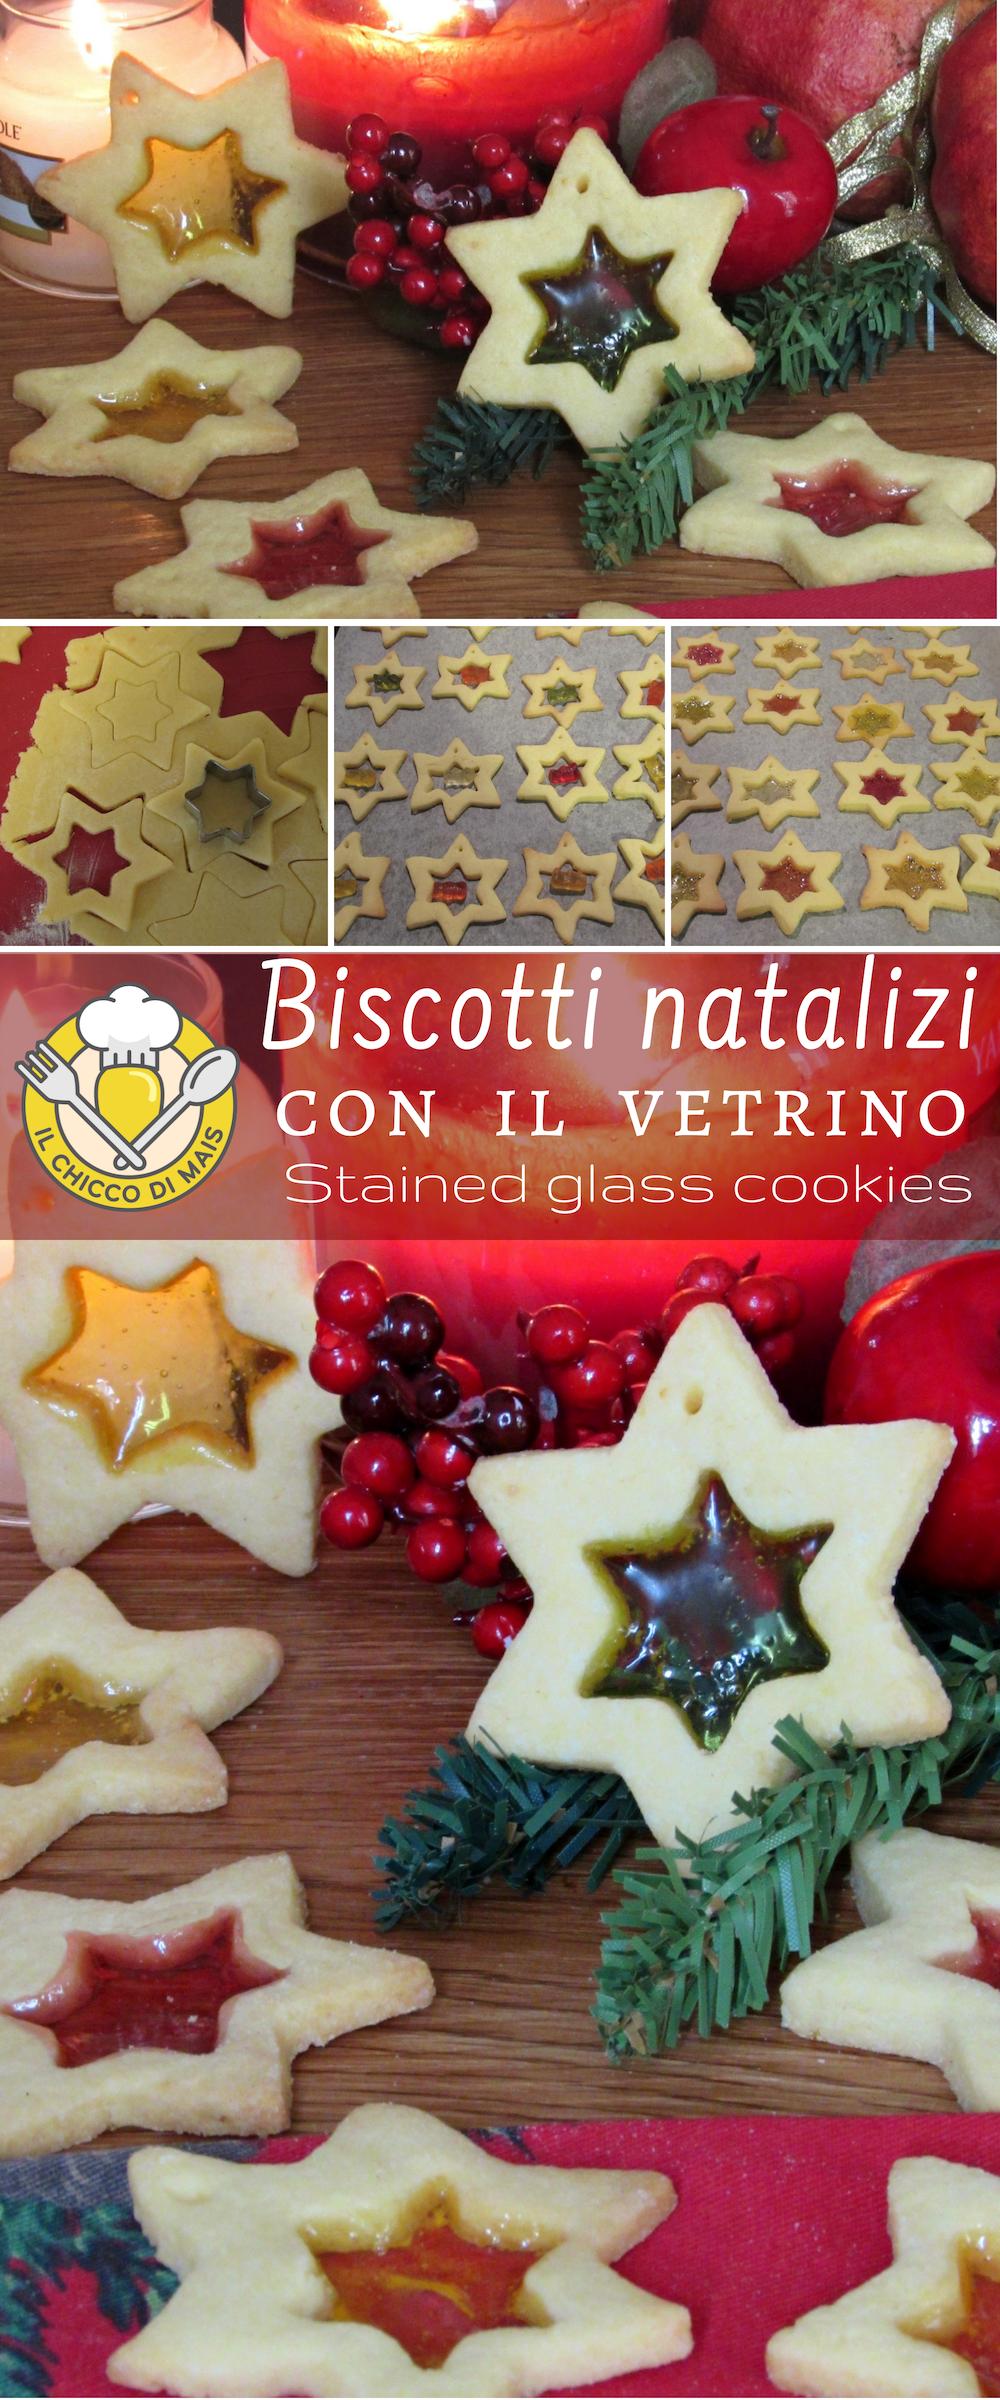 Biscotti Di Natale Effetto Vetro.Biscotti Natalizi Con Il Vetrino Una Ricetta Facile E Veloce Per